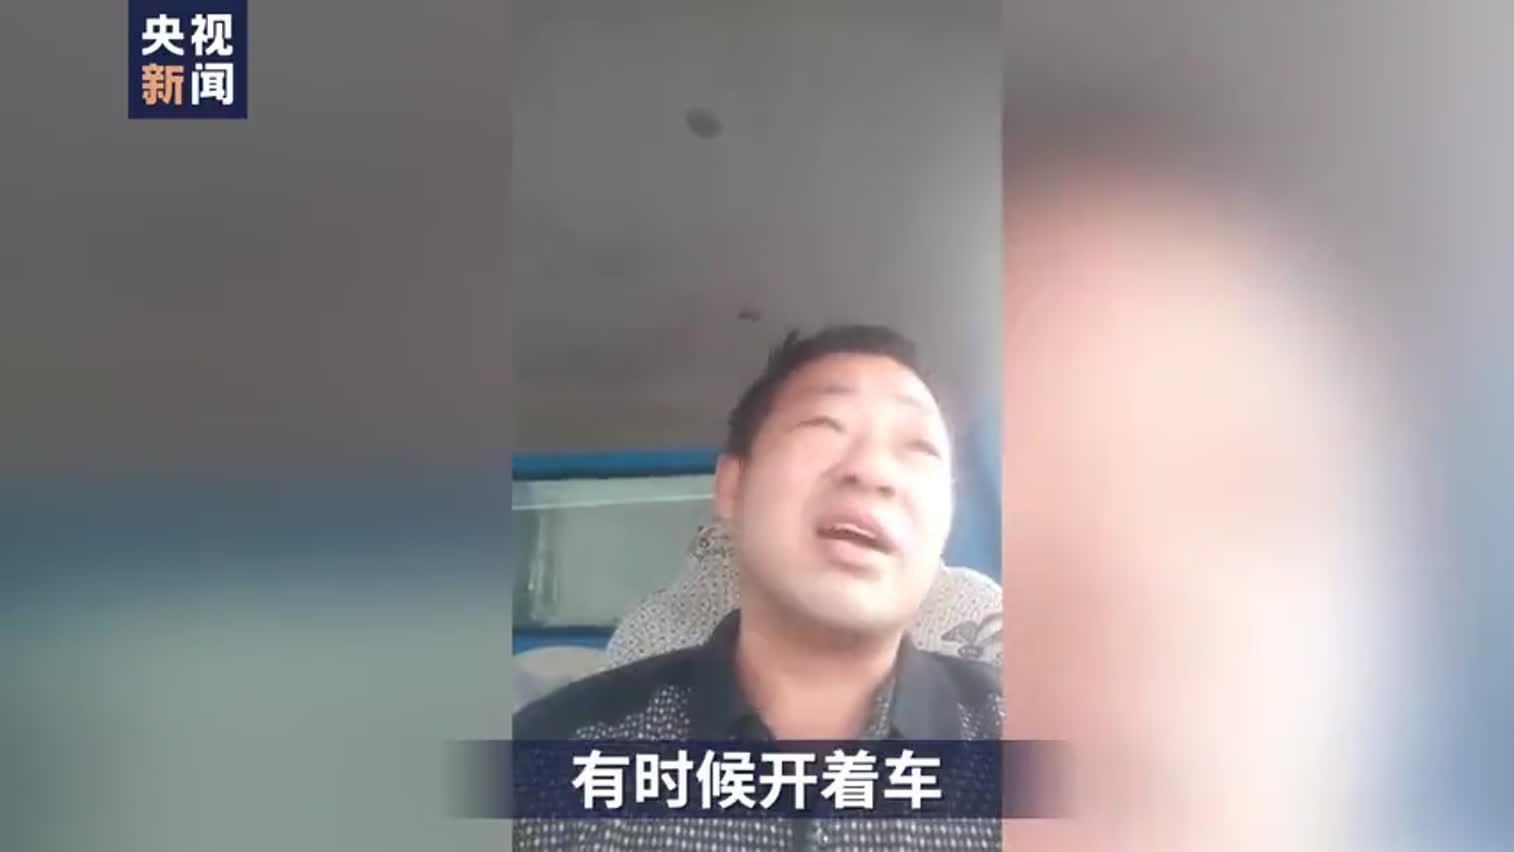 视频-湖北司机被困高速一周:唯一愿望是睡个觉吃口